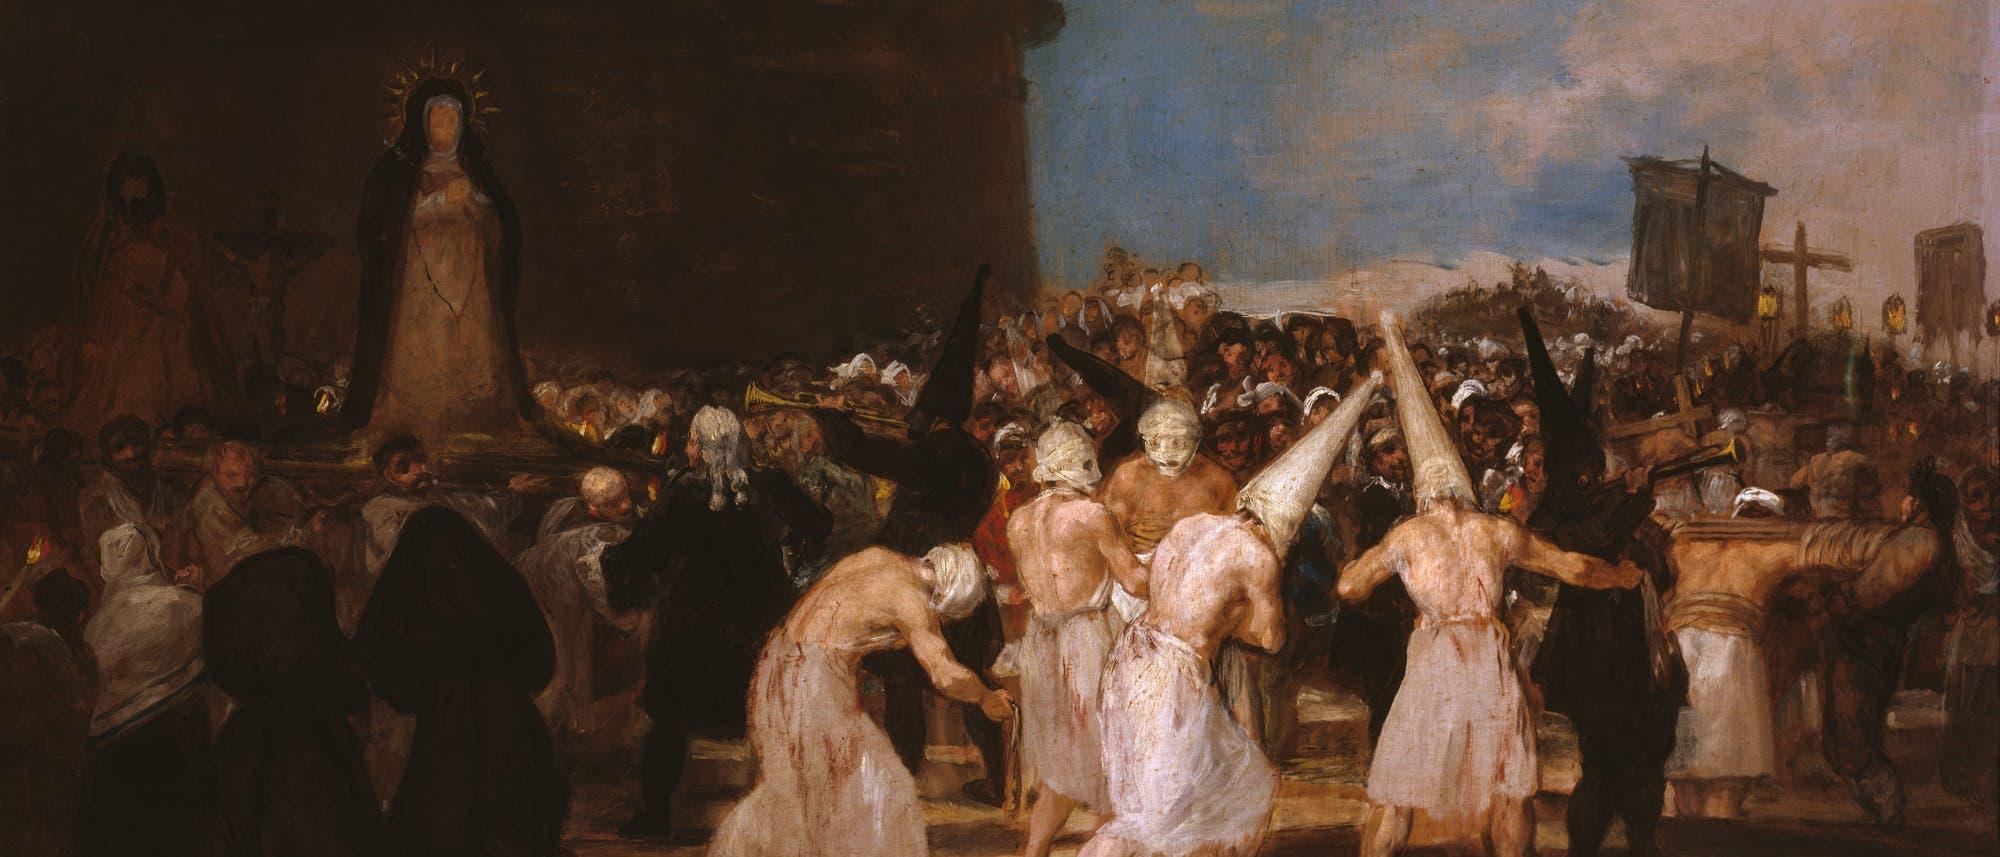 Ankunft der Geißler, Auschnitt aus einem Gemälde von Francisco de Goya, Anfang des 19. Jhds.